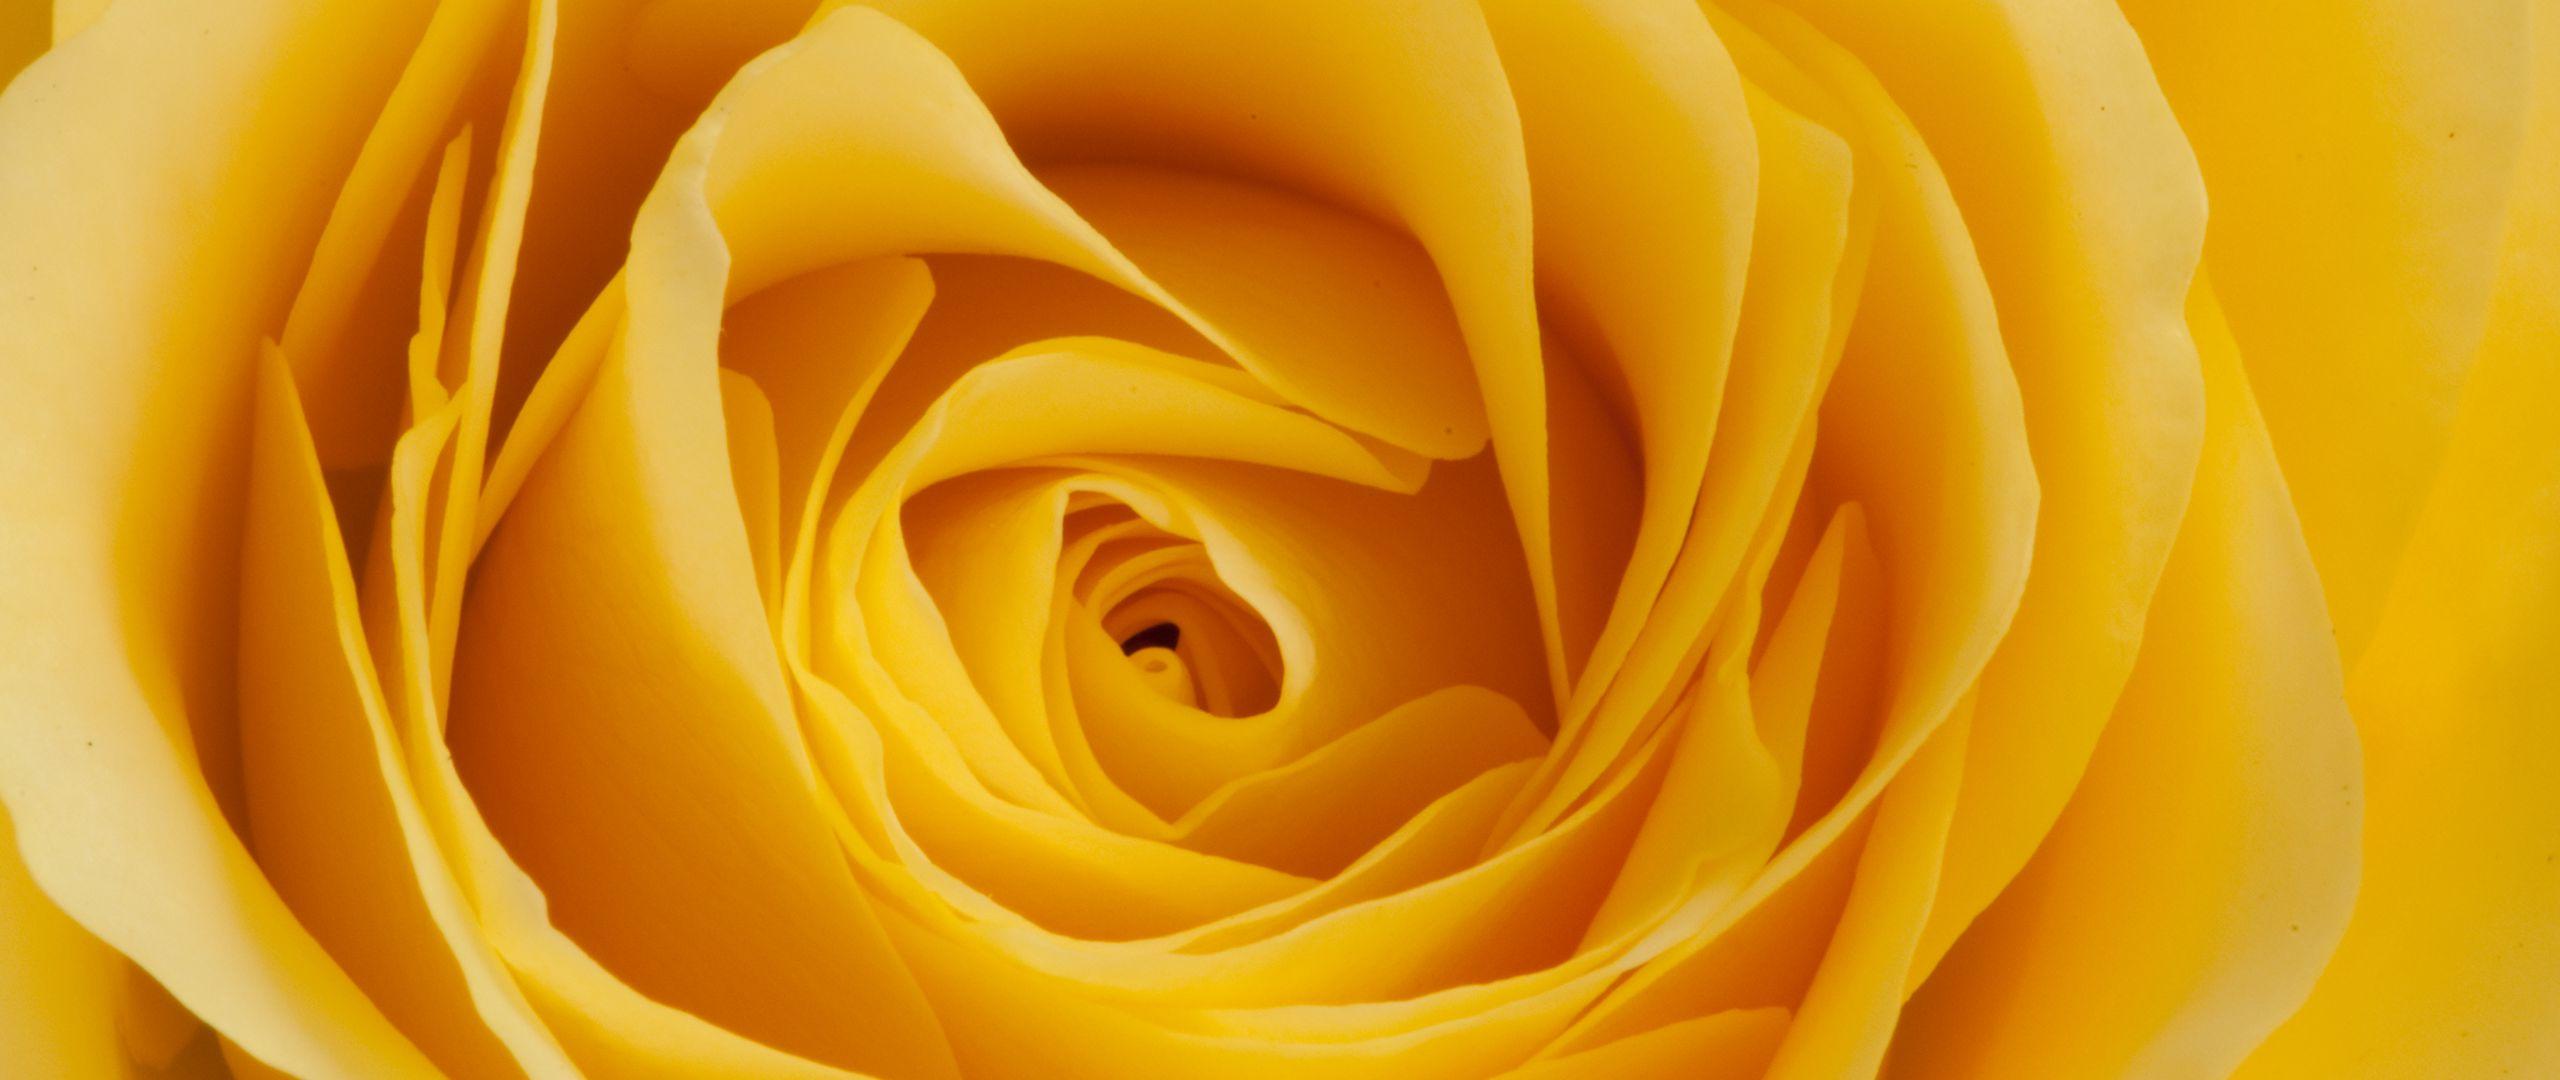 2560x1080 Wallpaper rose, yellow, bud, petals, macro